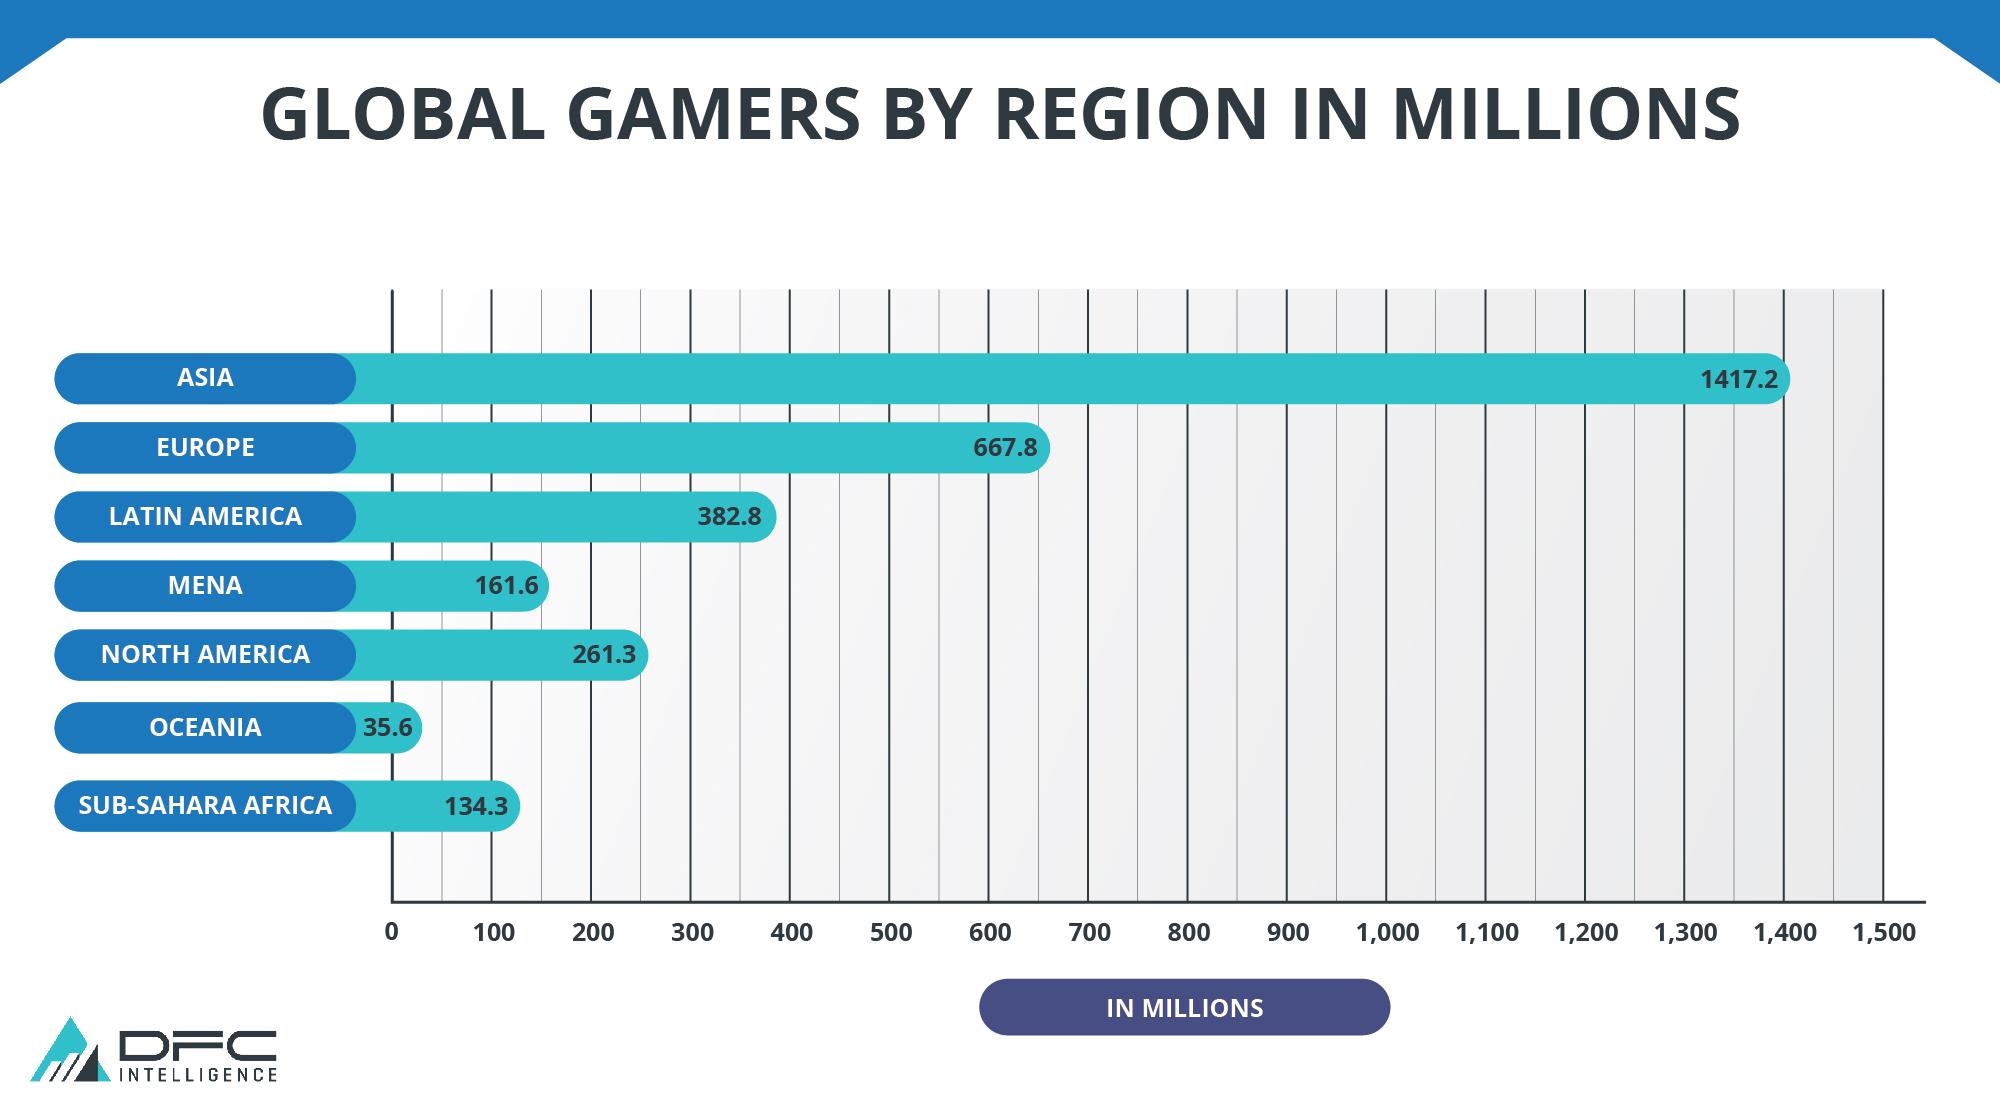 Global Gamers by Region